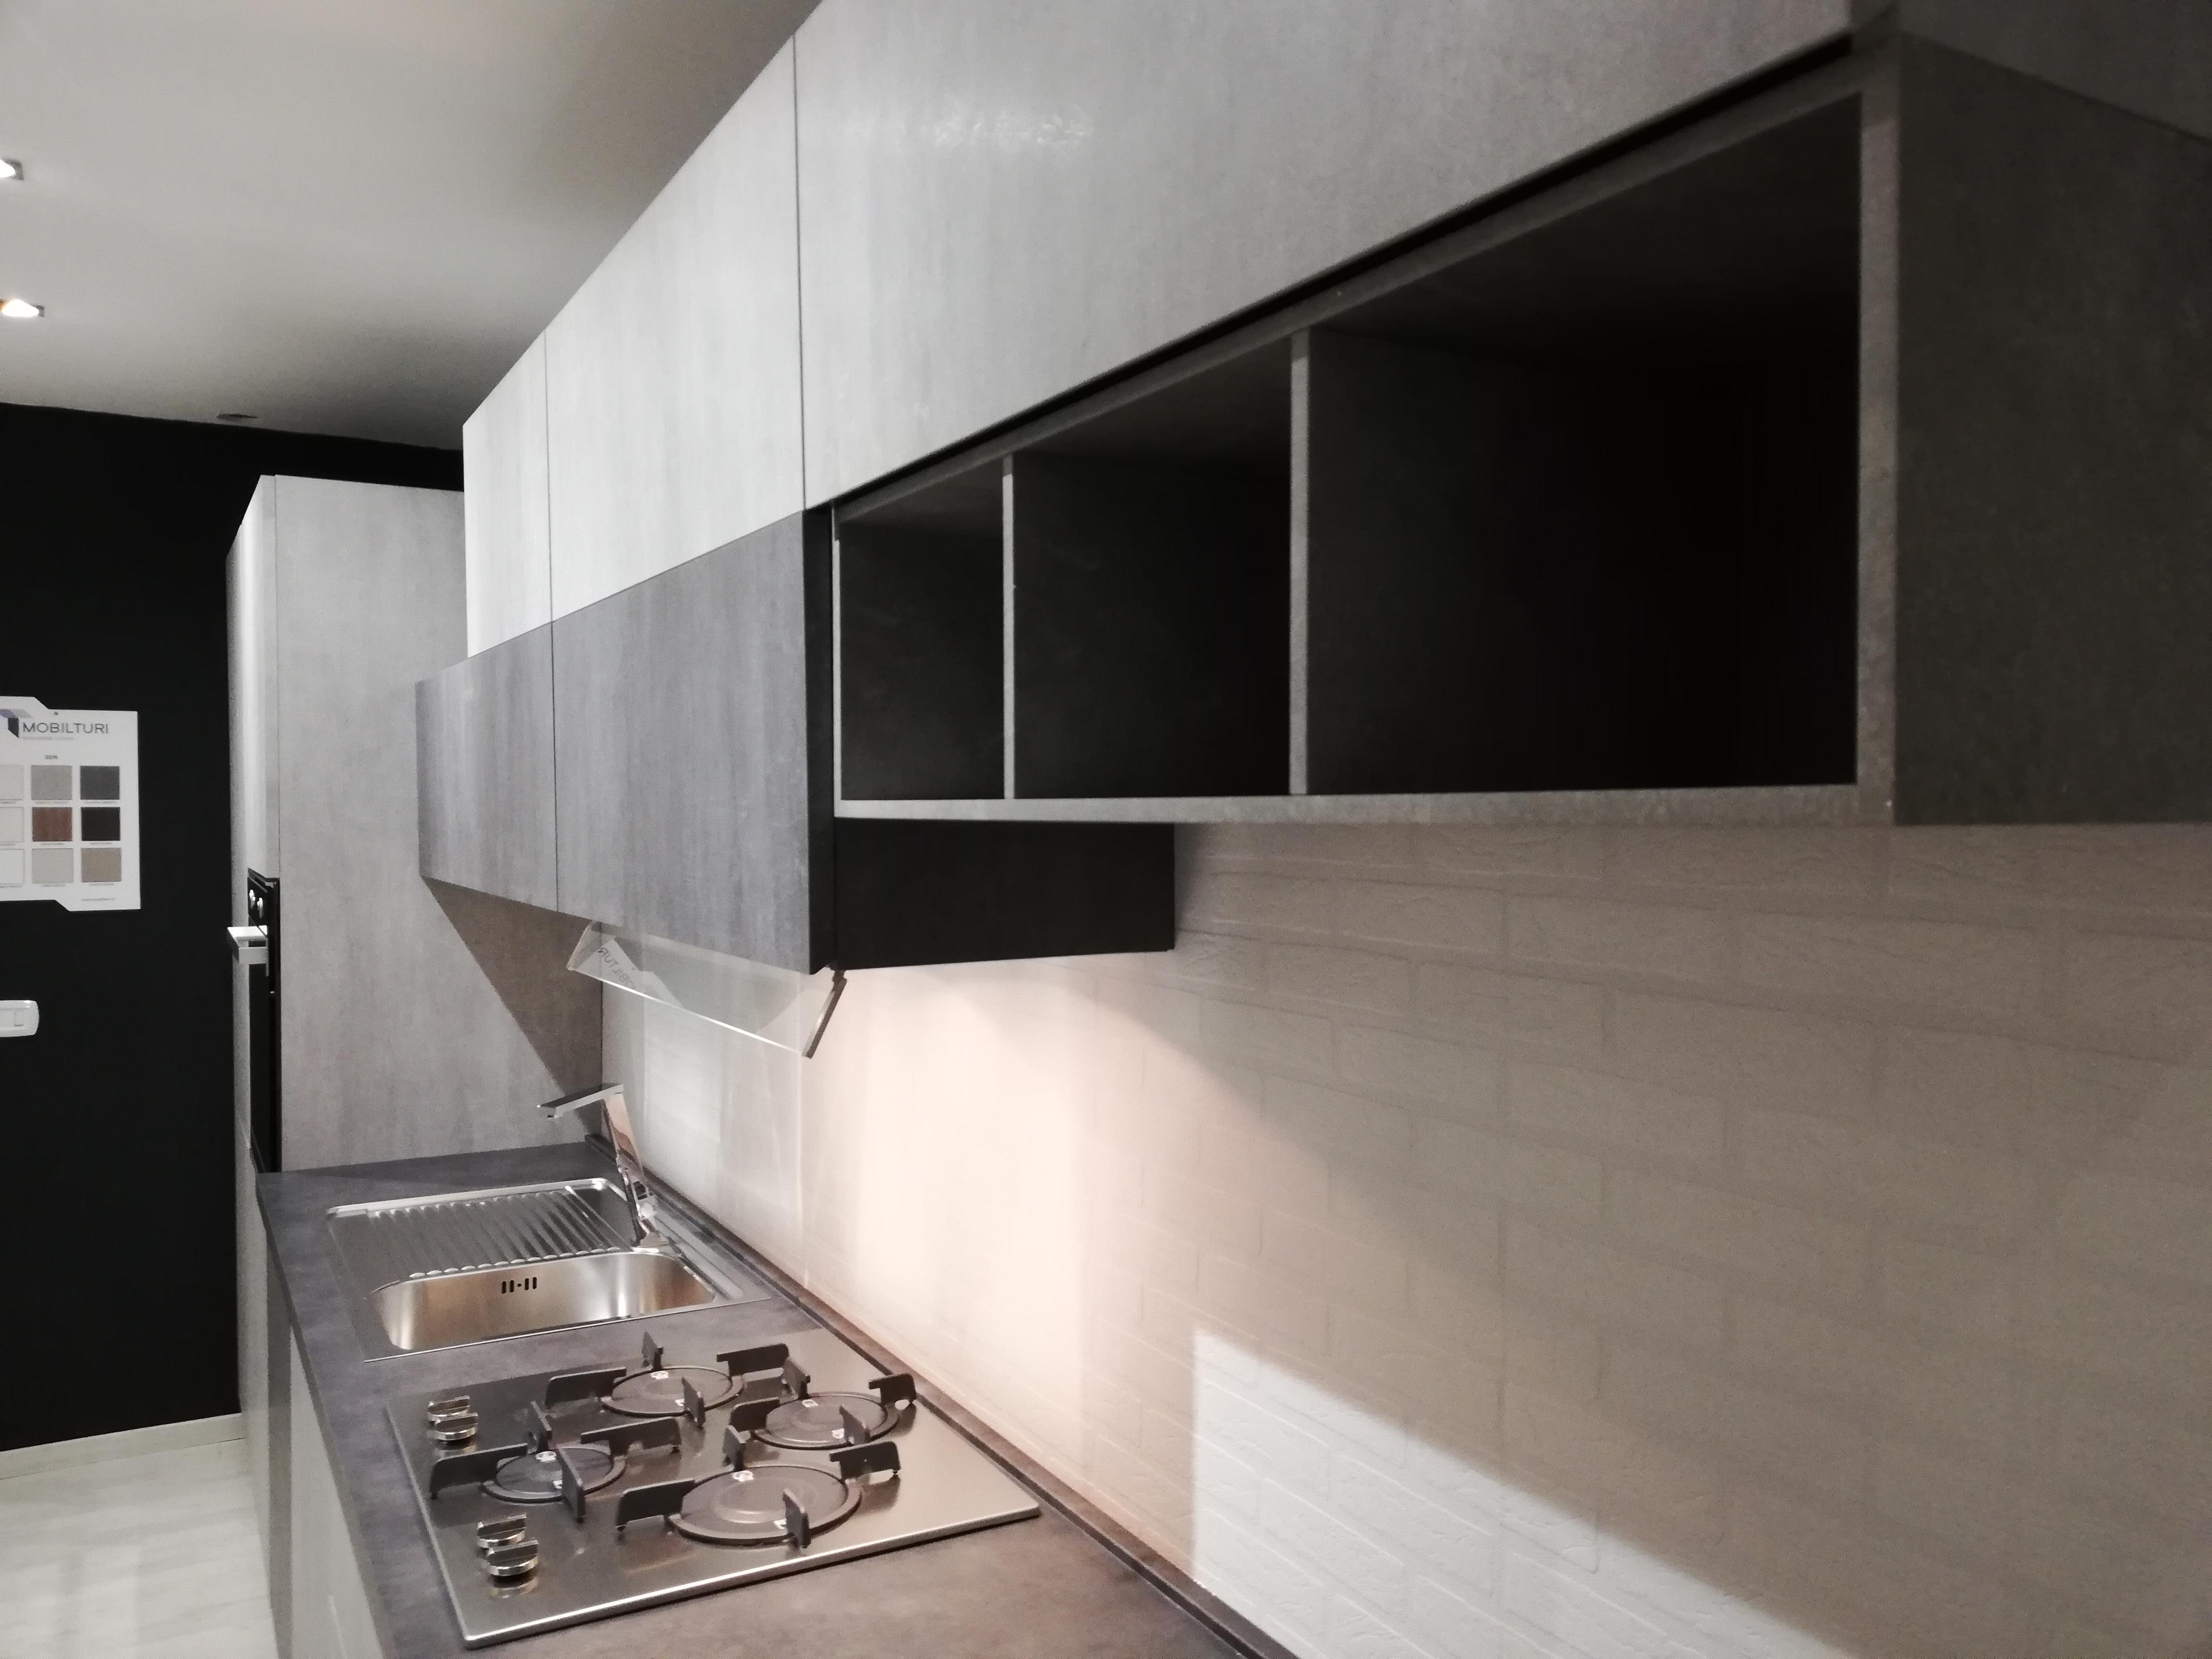 Cucina Modello Zen Abitare Arredamenti